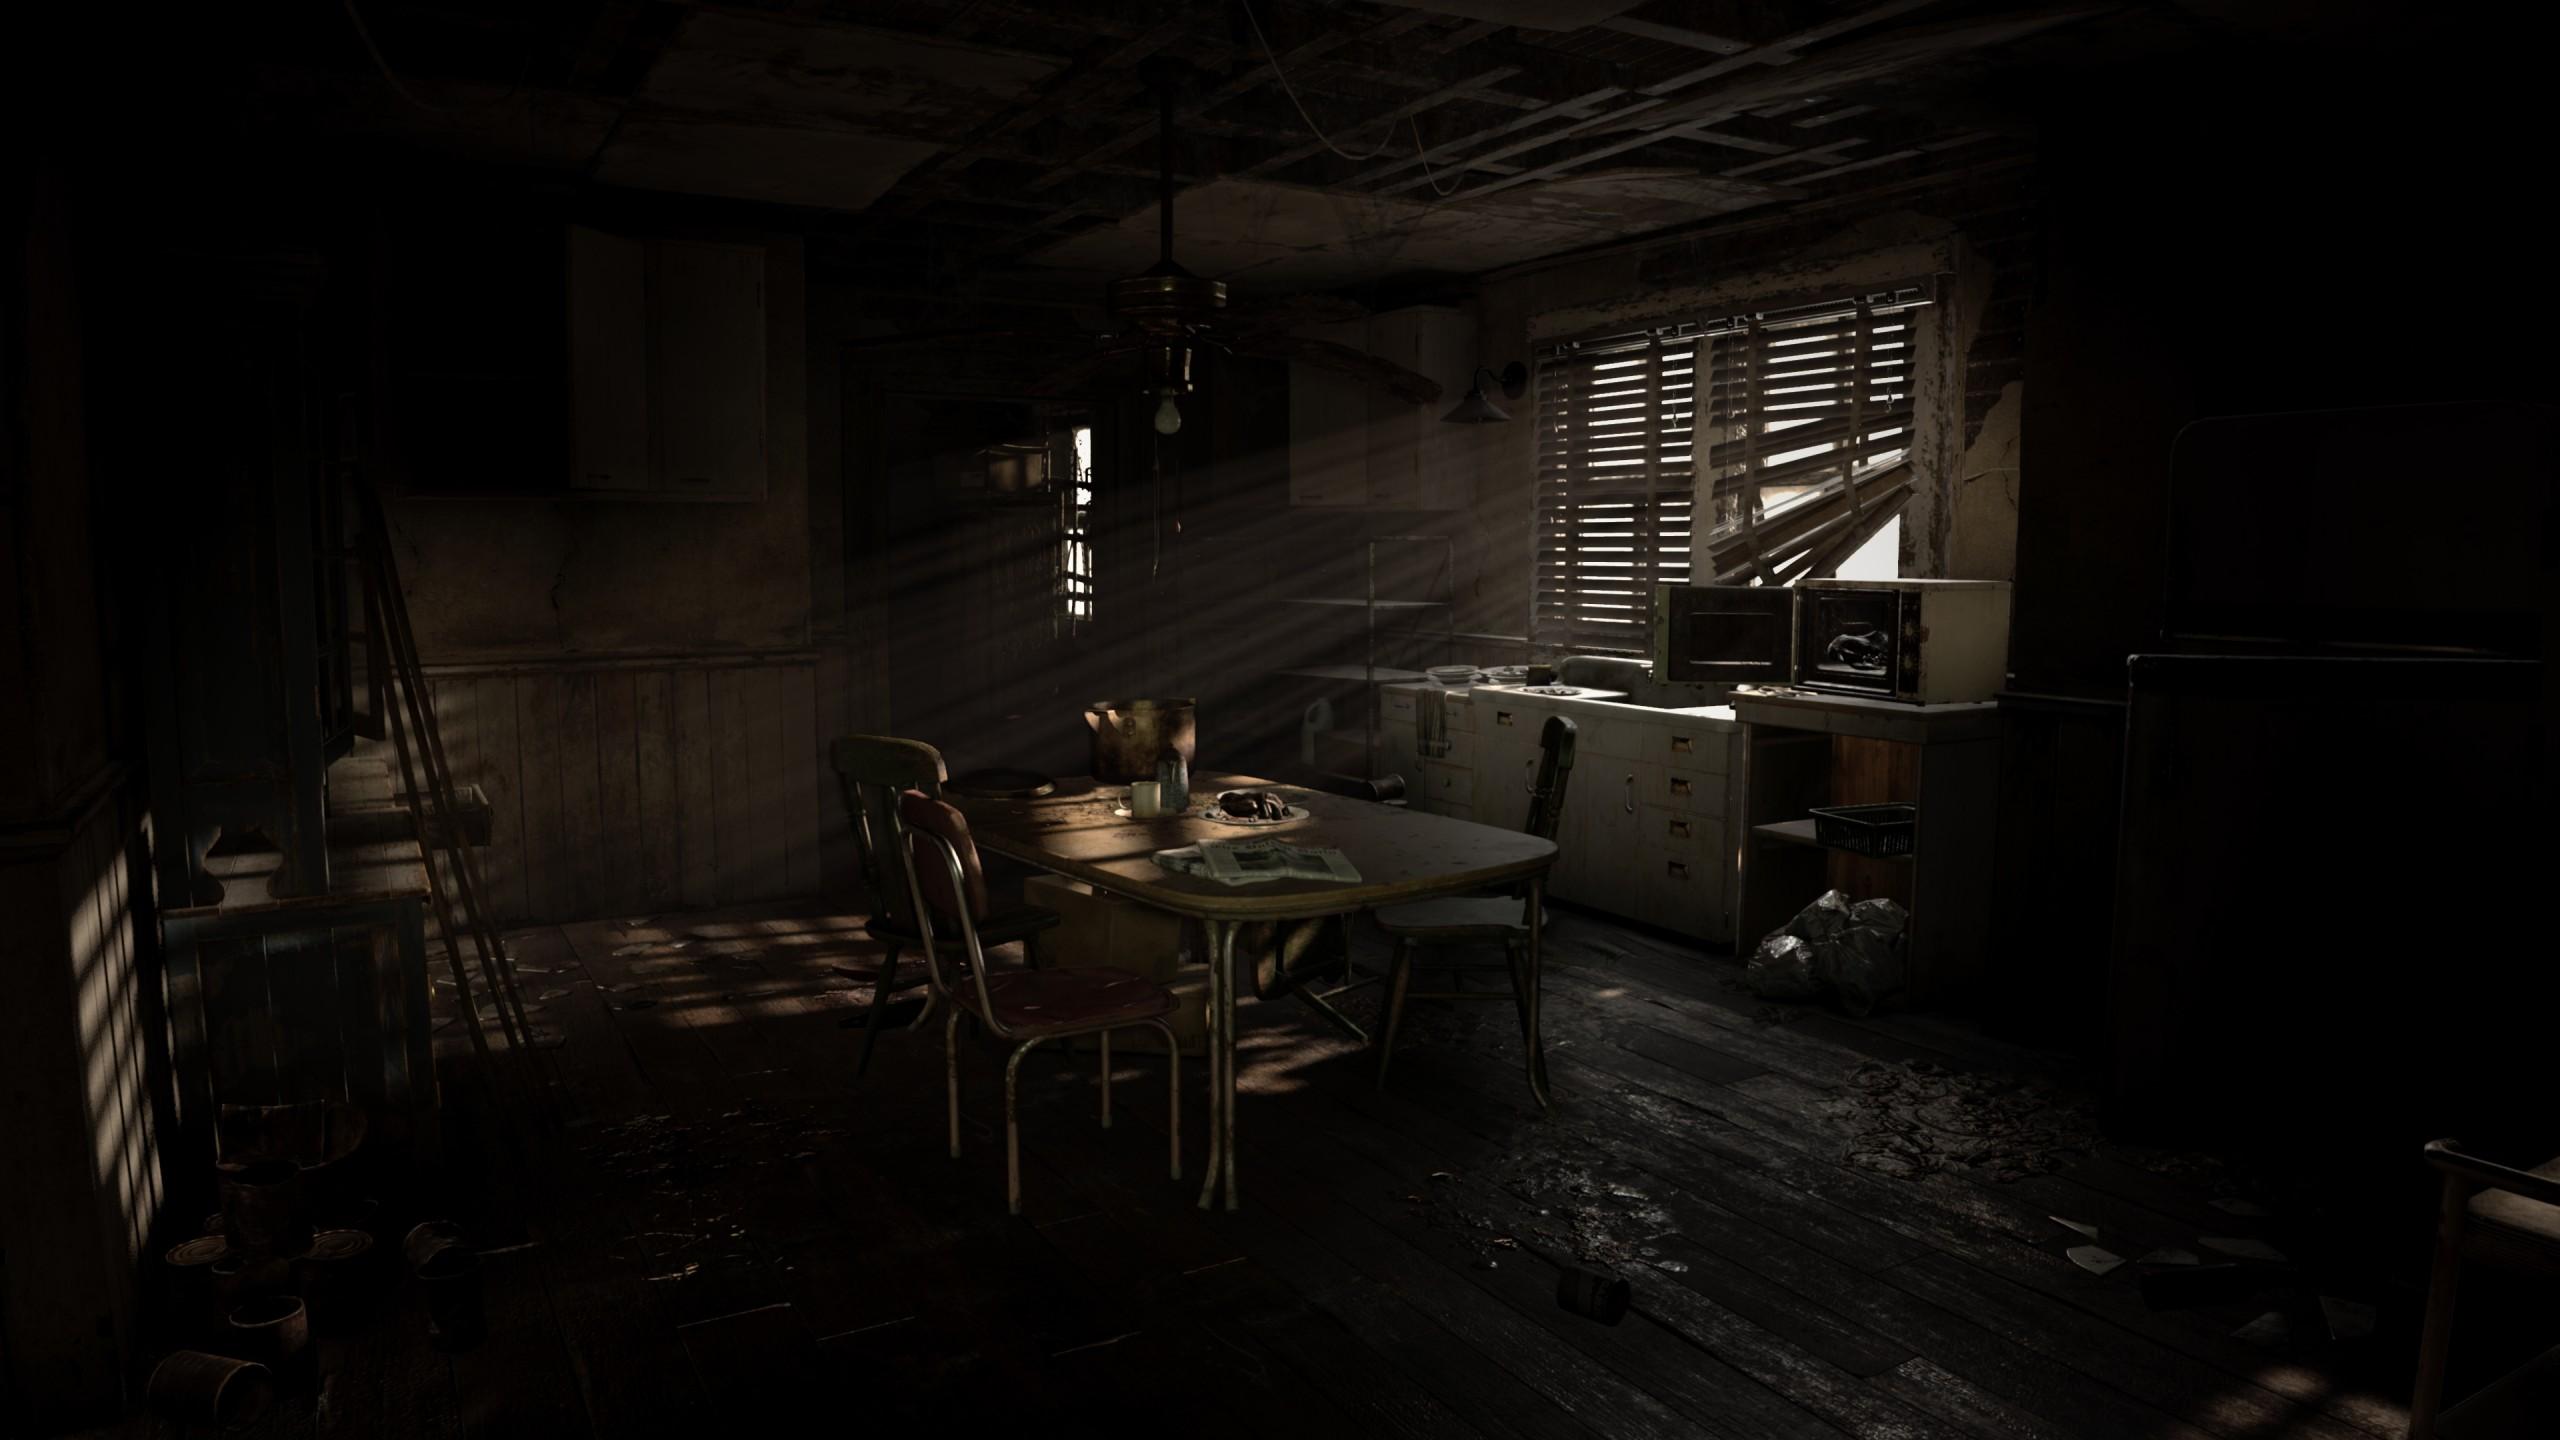 Wallpaper Resident Evil 7 Biohazard Vr Ps Vr Playstation 4